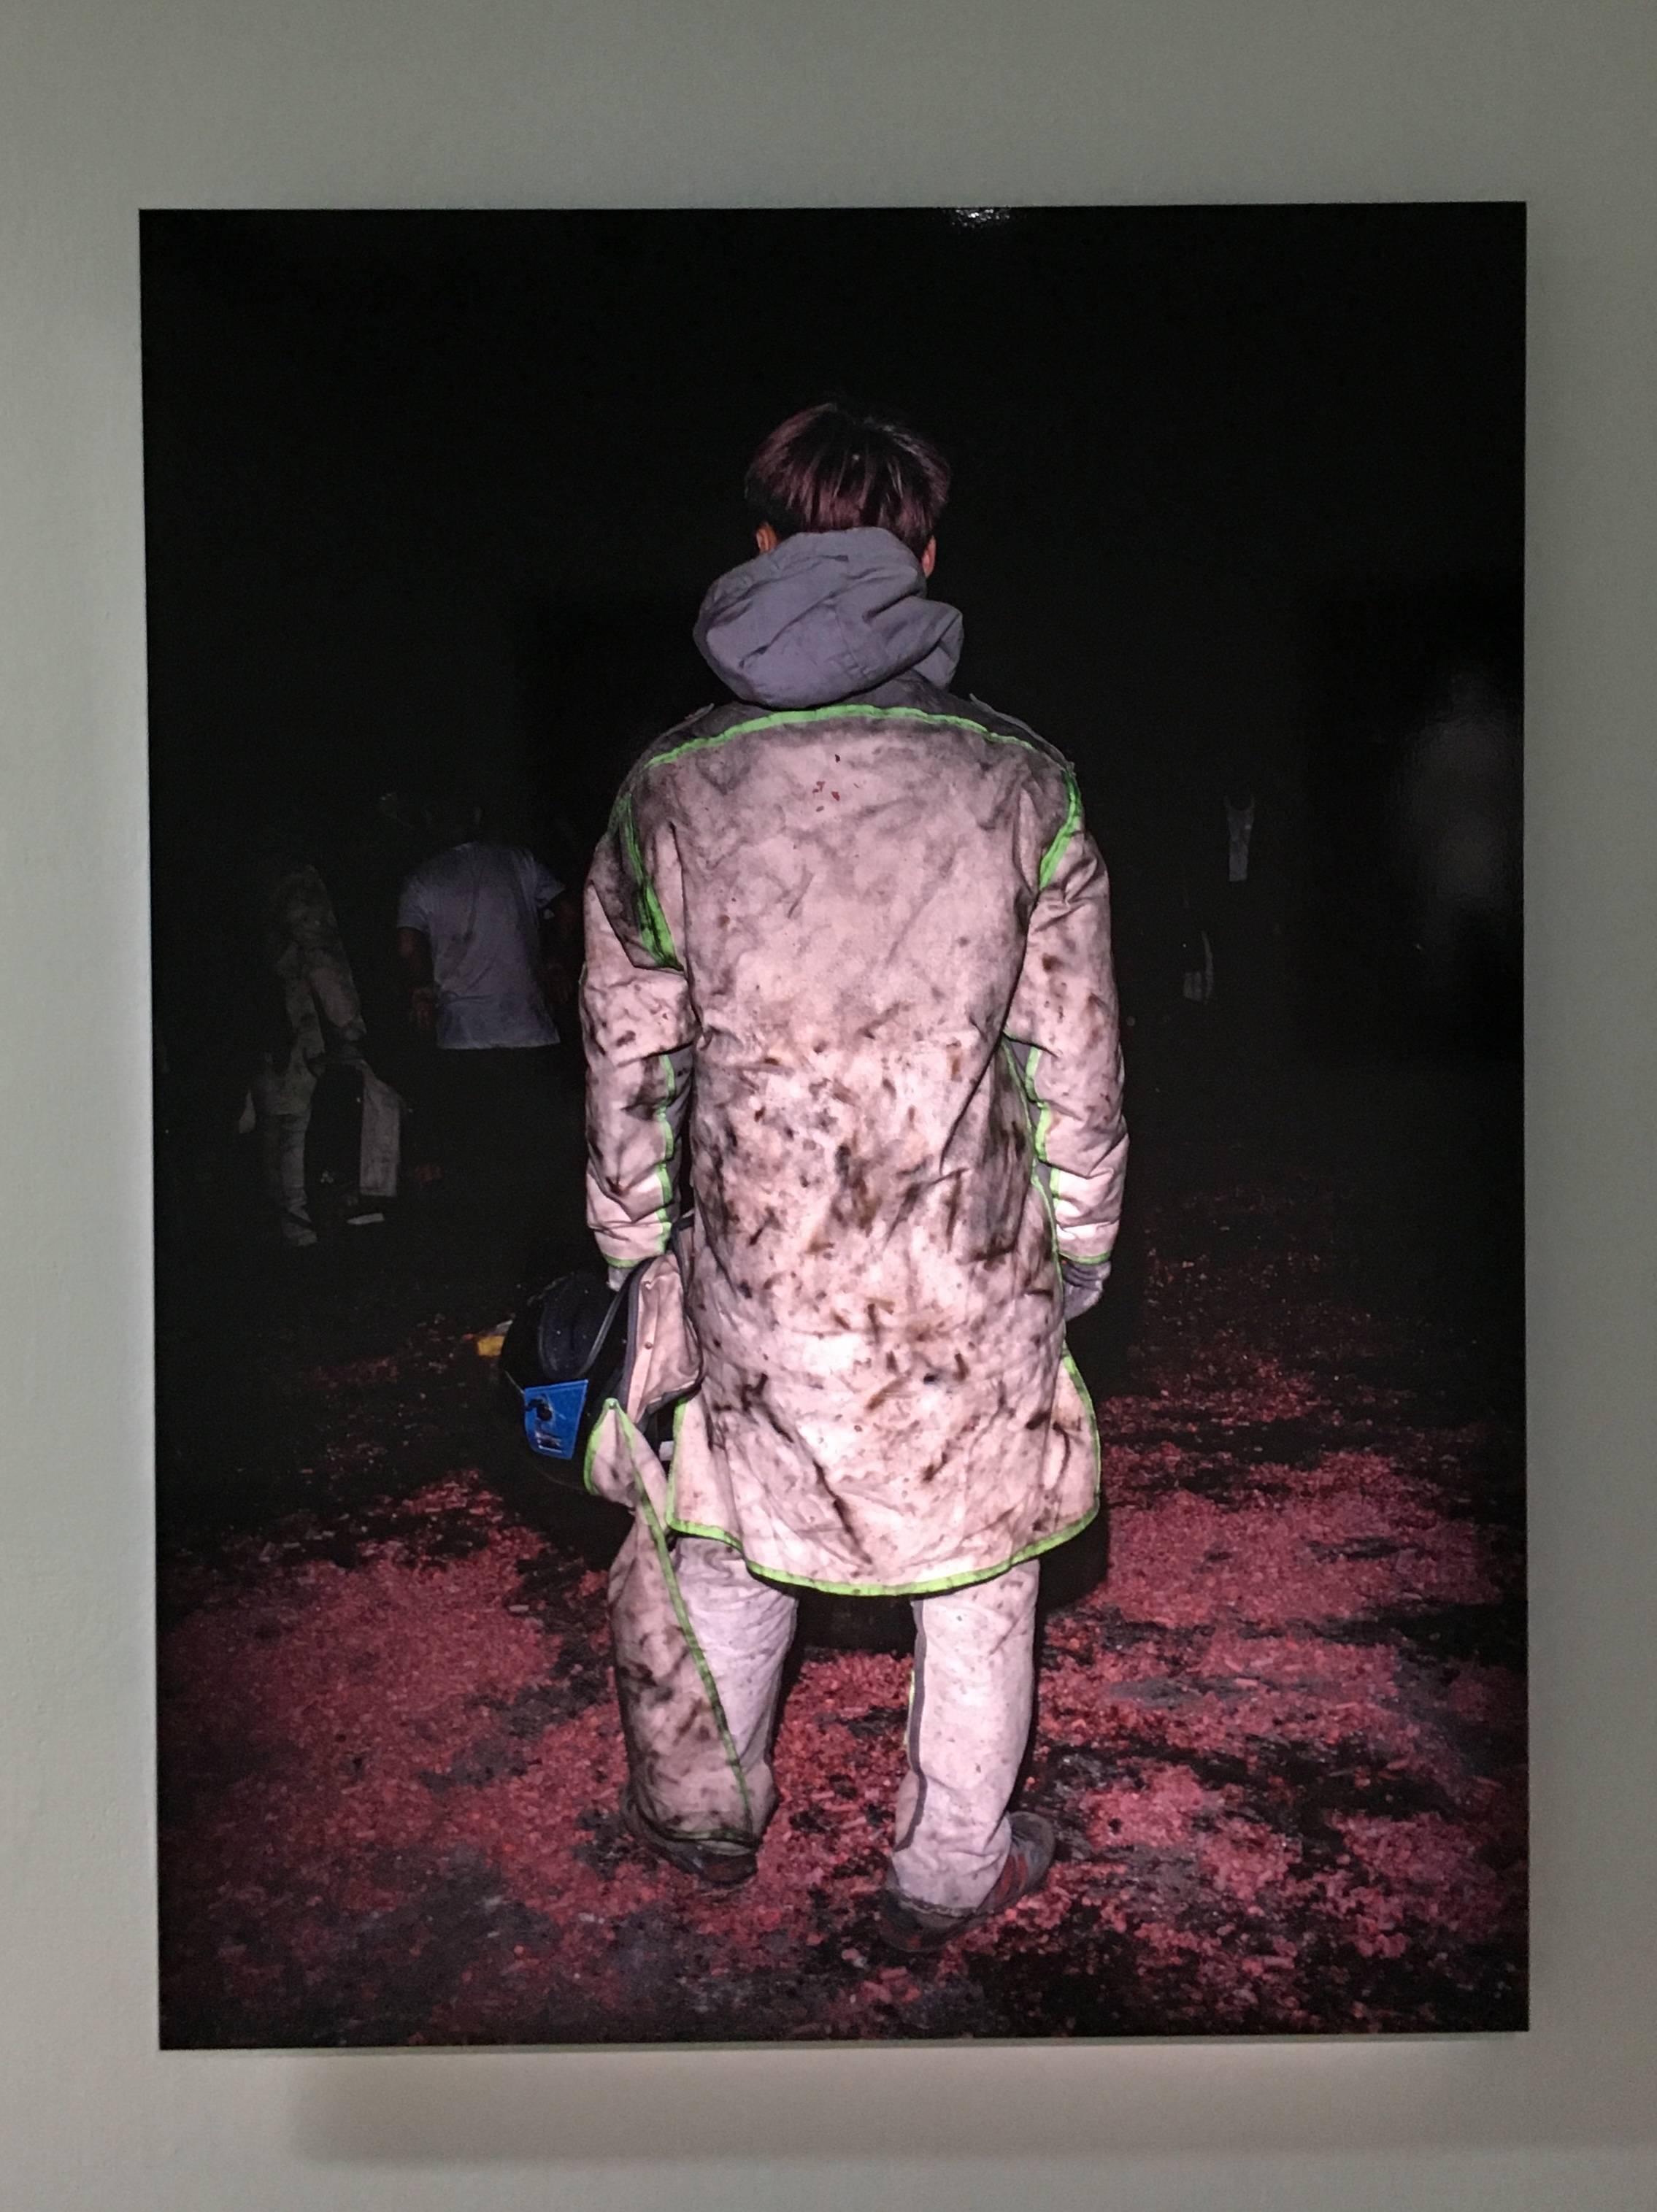 陳伯義,《食砲人 - XV》,75 x 100 cm,雷射輸出彩色銀鹽相紙,1/8,2019。